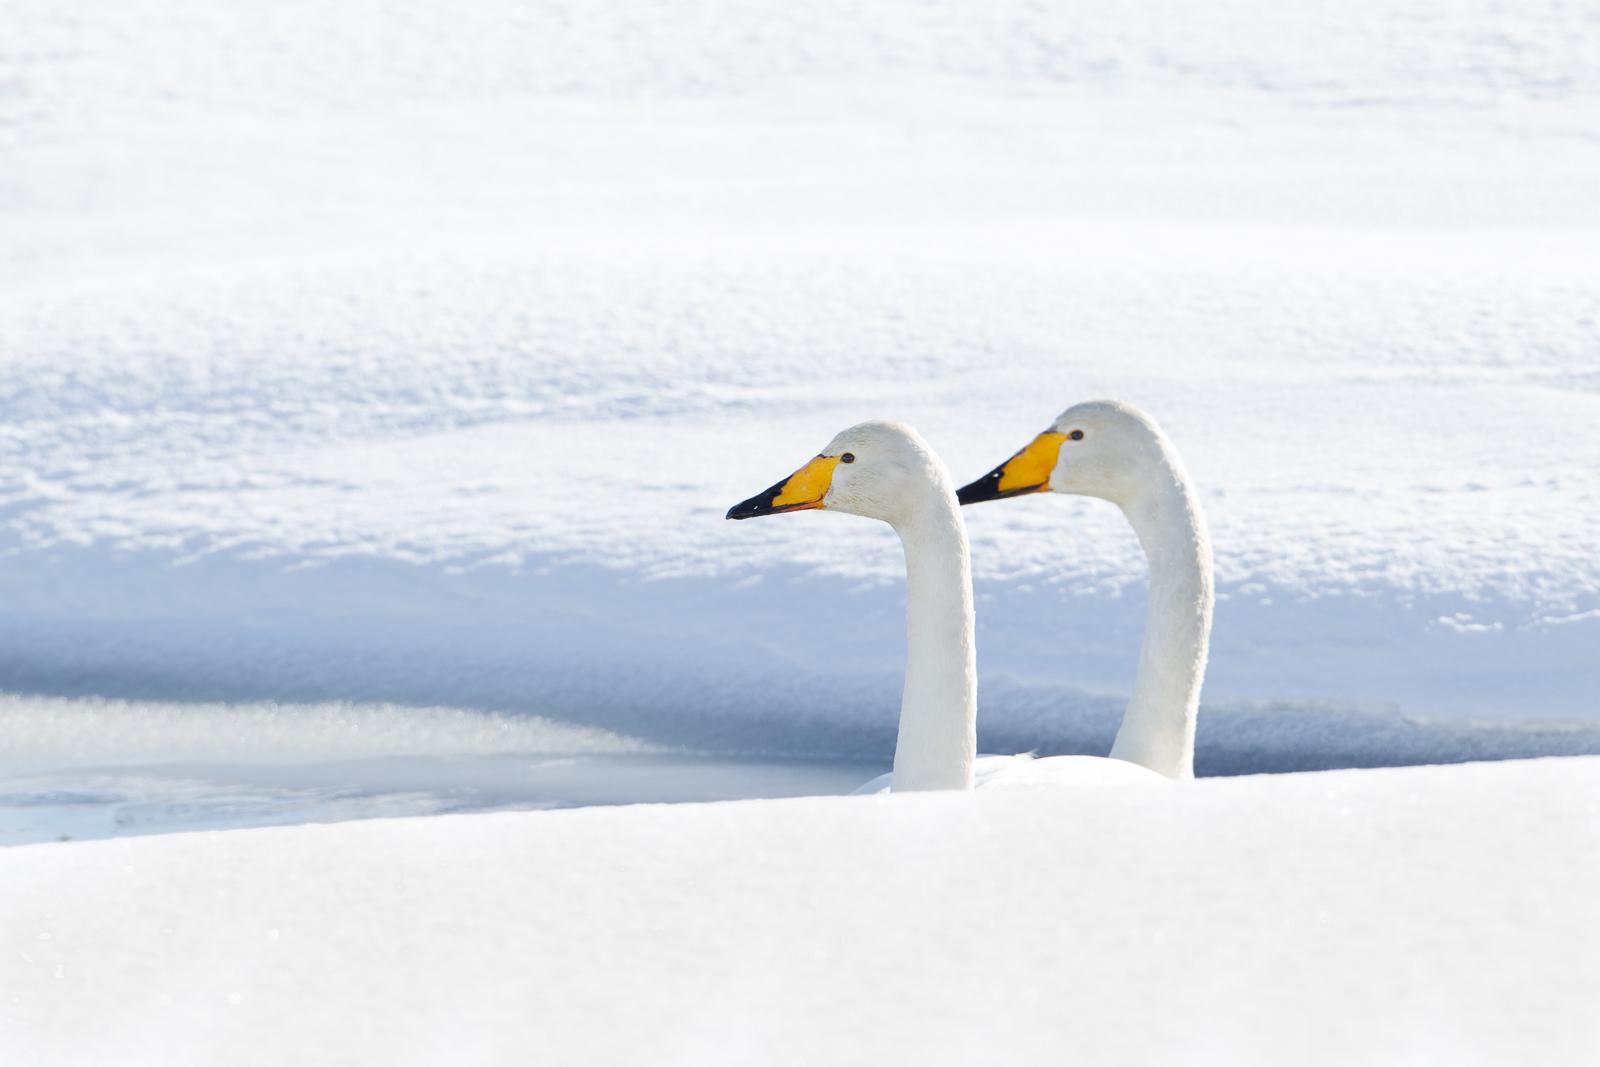 Duo Wilde Zwaan in sneeuwlandschap; Two whooper swan in snowy landscape